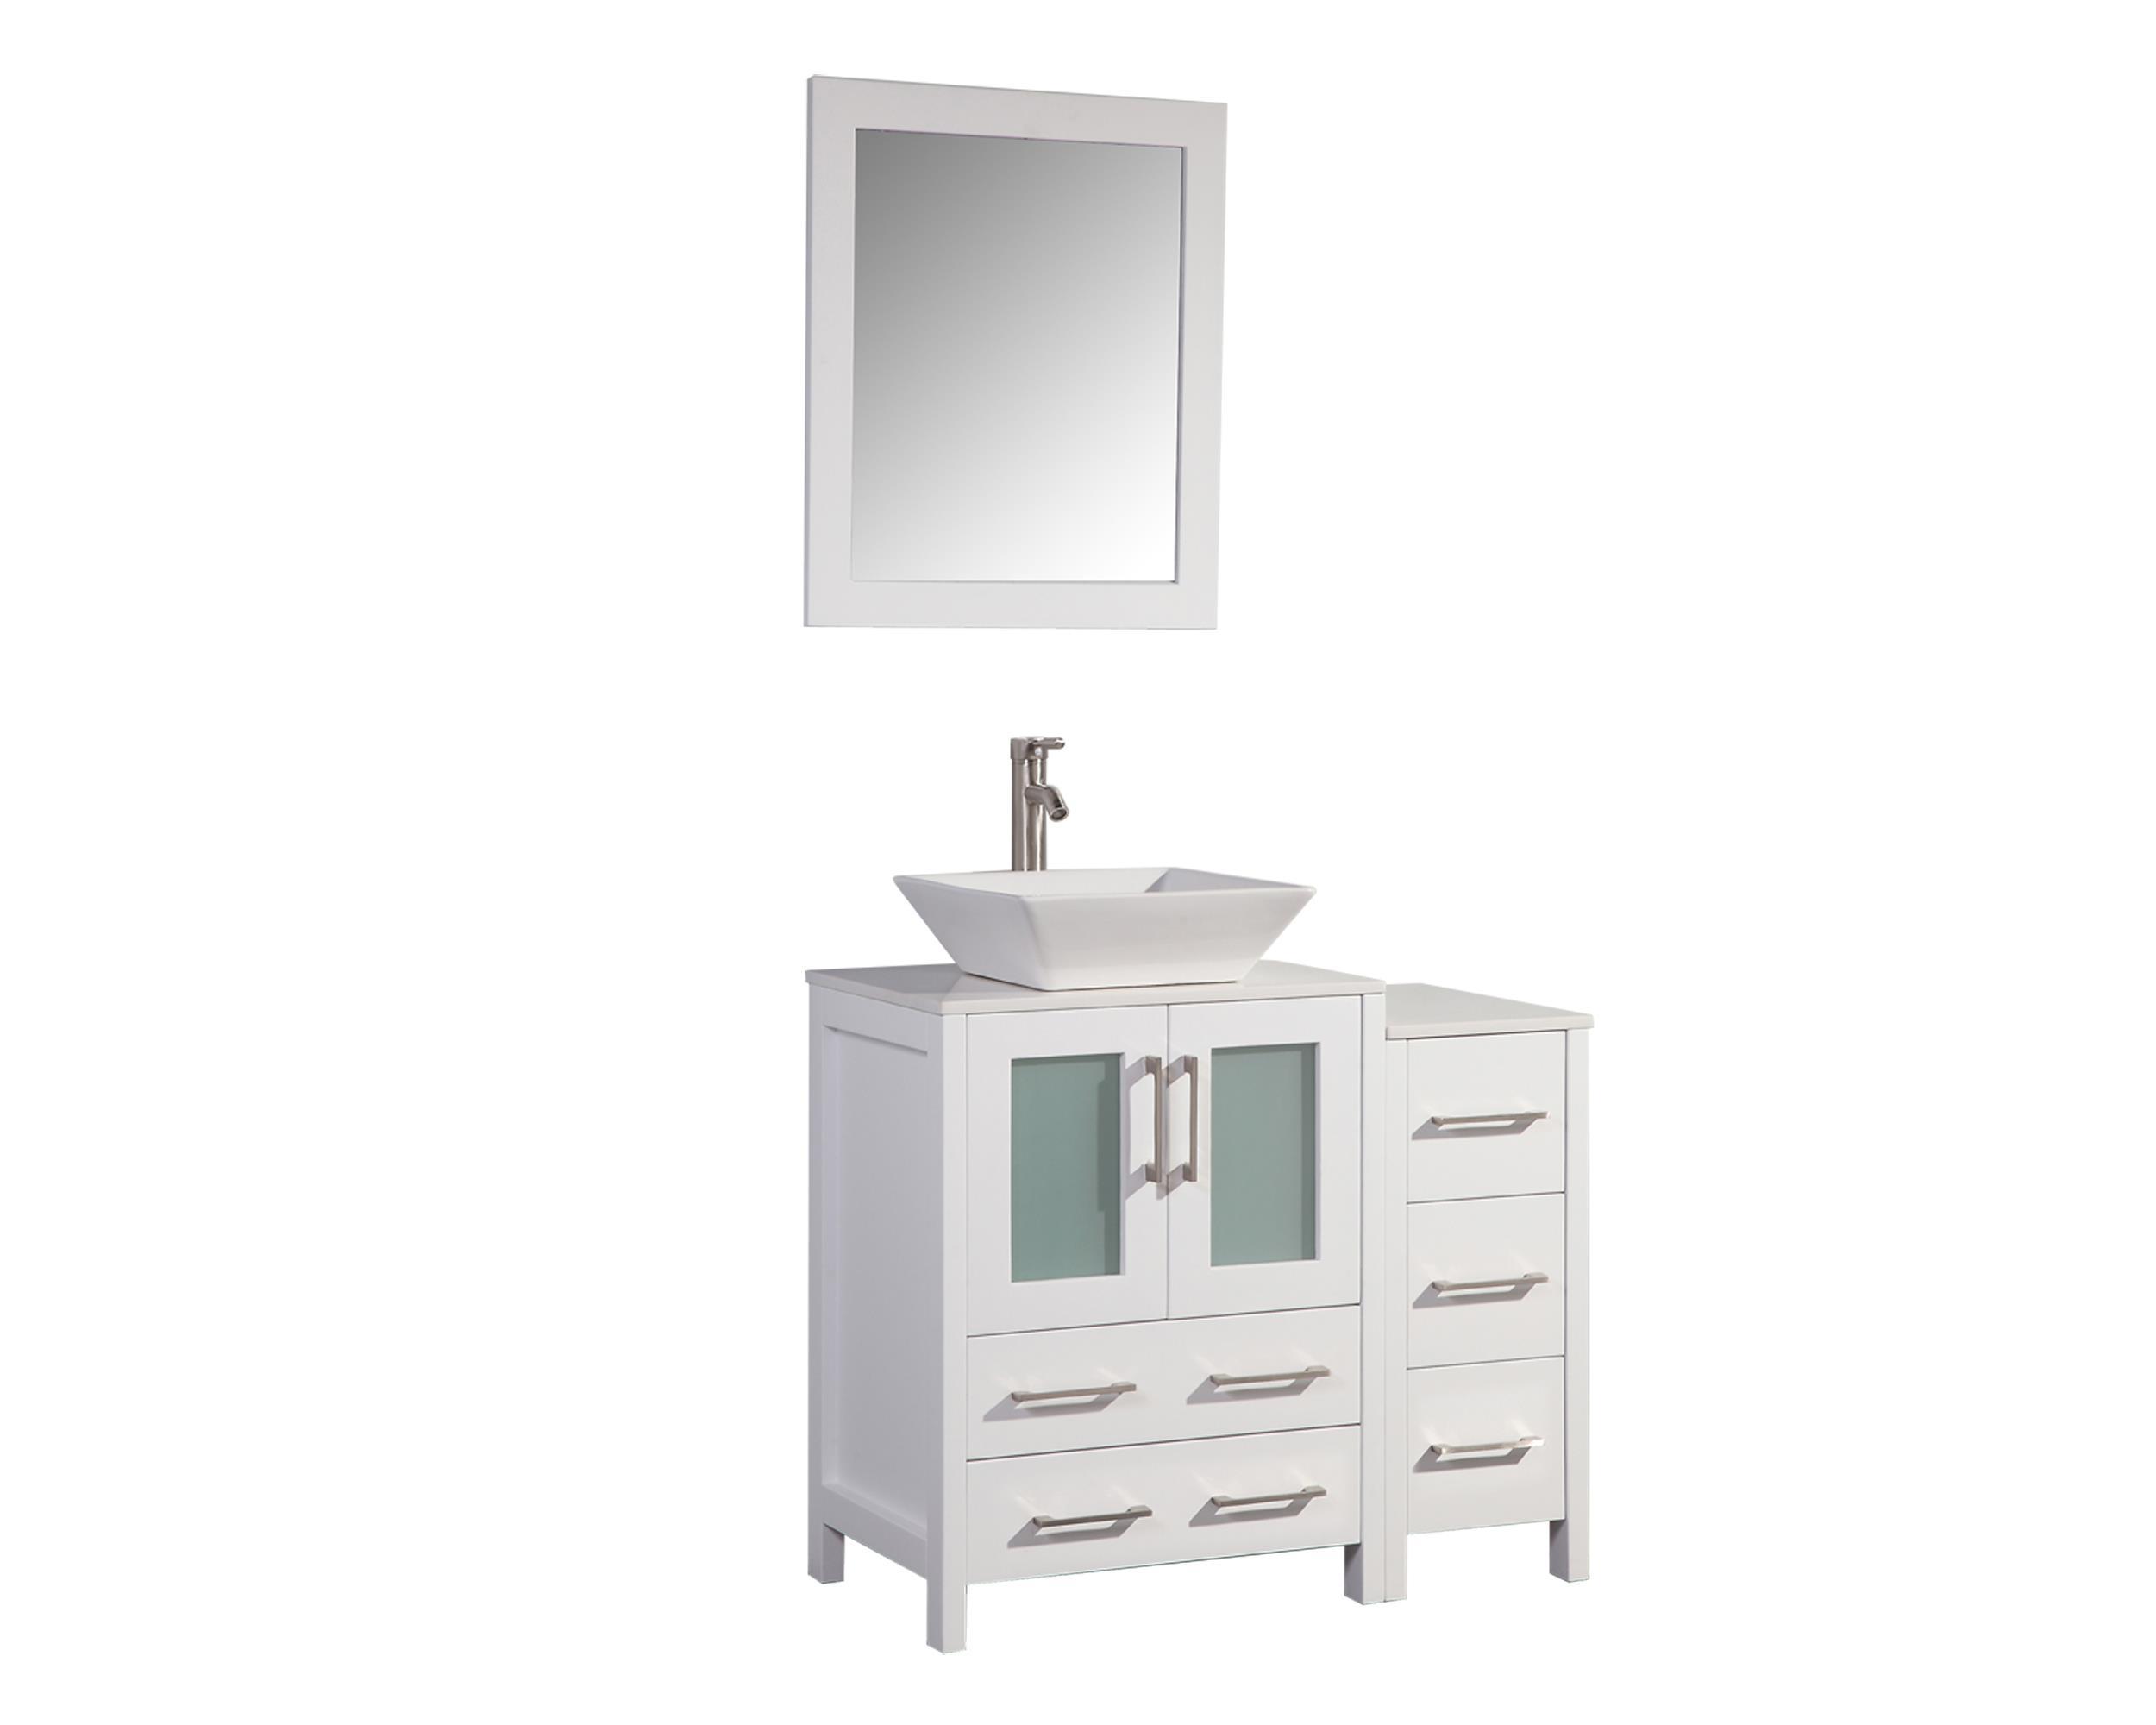 vanity art 36 inch single sink bathroom vanity set with ceramic vanity top